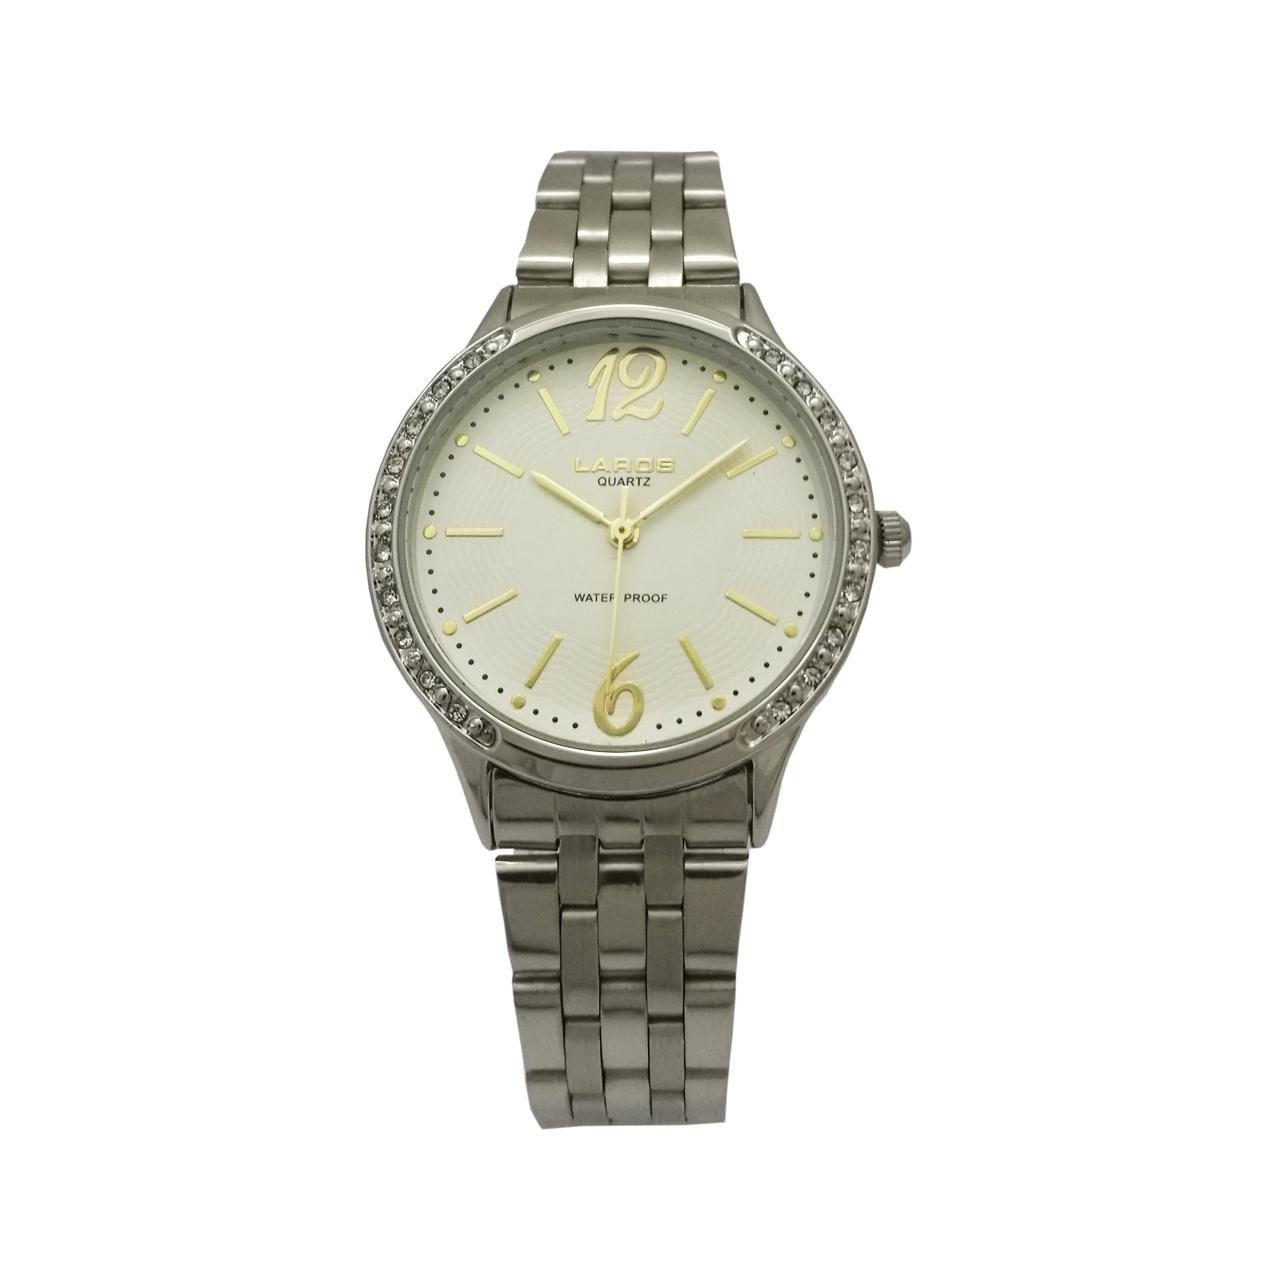 ساعت مچی عقربه ای زنانه نقره ای لاروس مدل 0816-79886